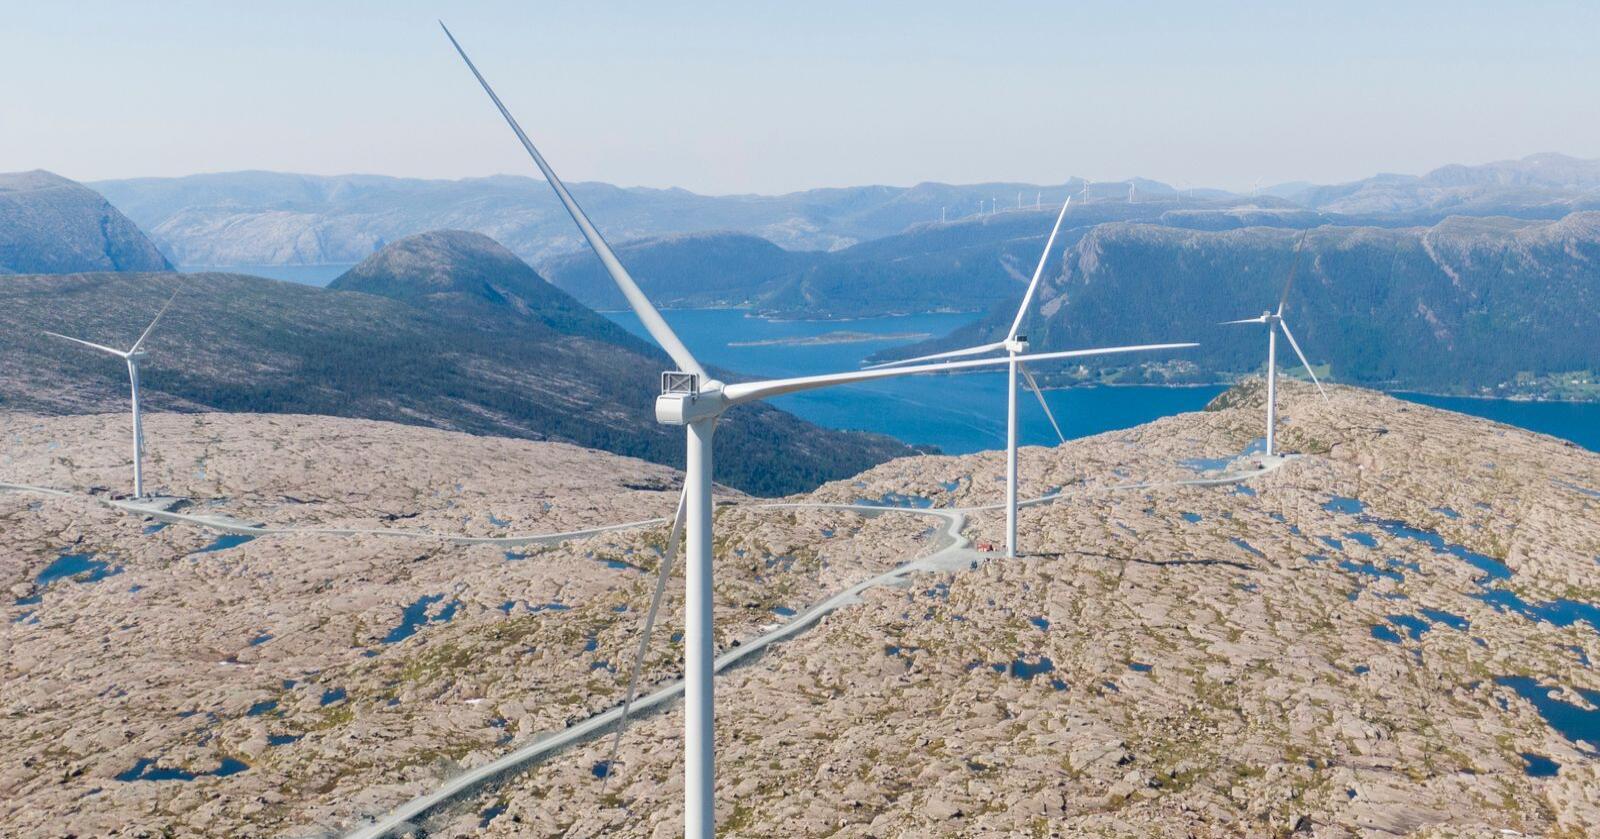 Stortinget skal ta stilling til et forslag om innstramminger i konsesjonsreglene. Her fra Guleslettene vindpark like ved Florø. Foto: Tore Meek/NTB scanpix